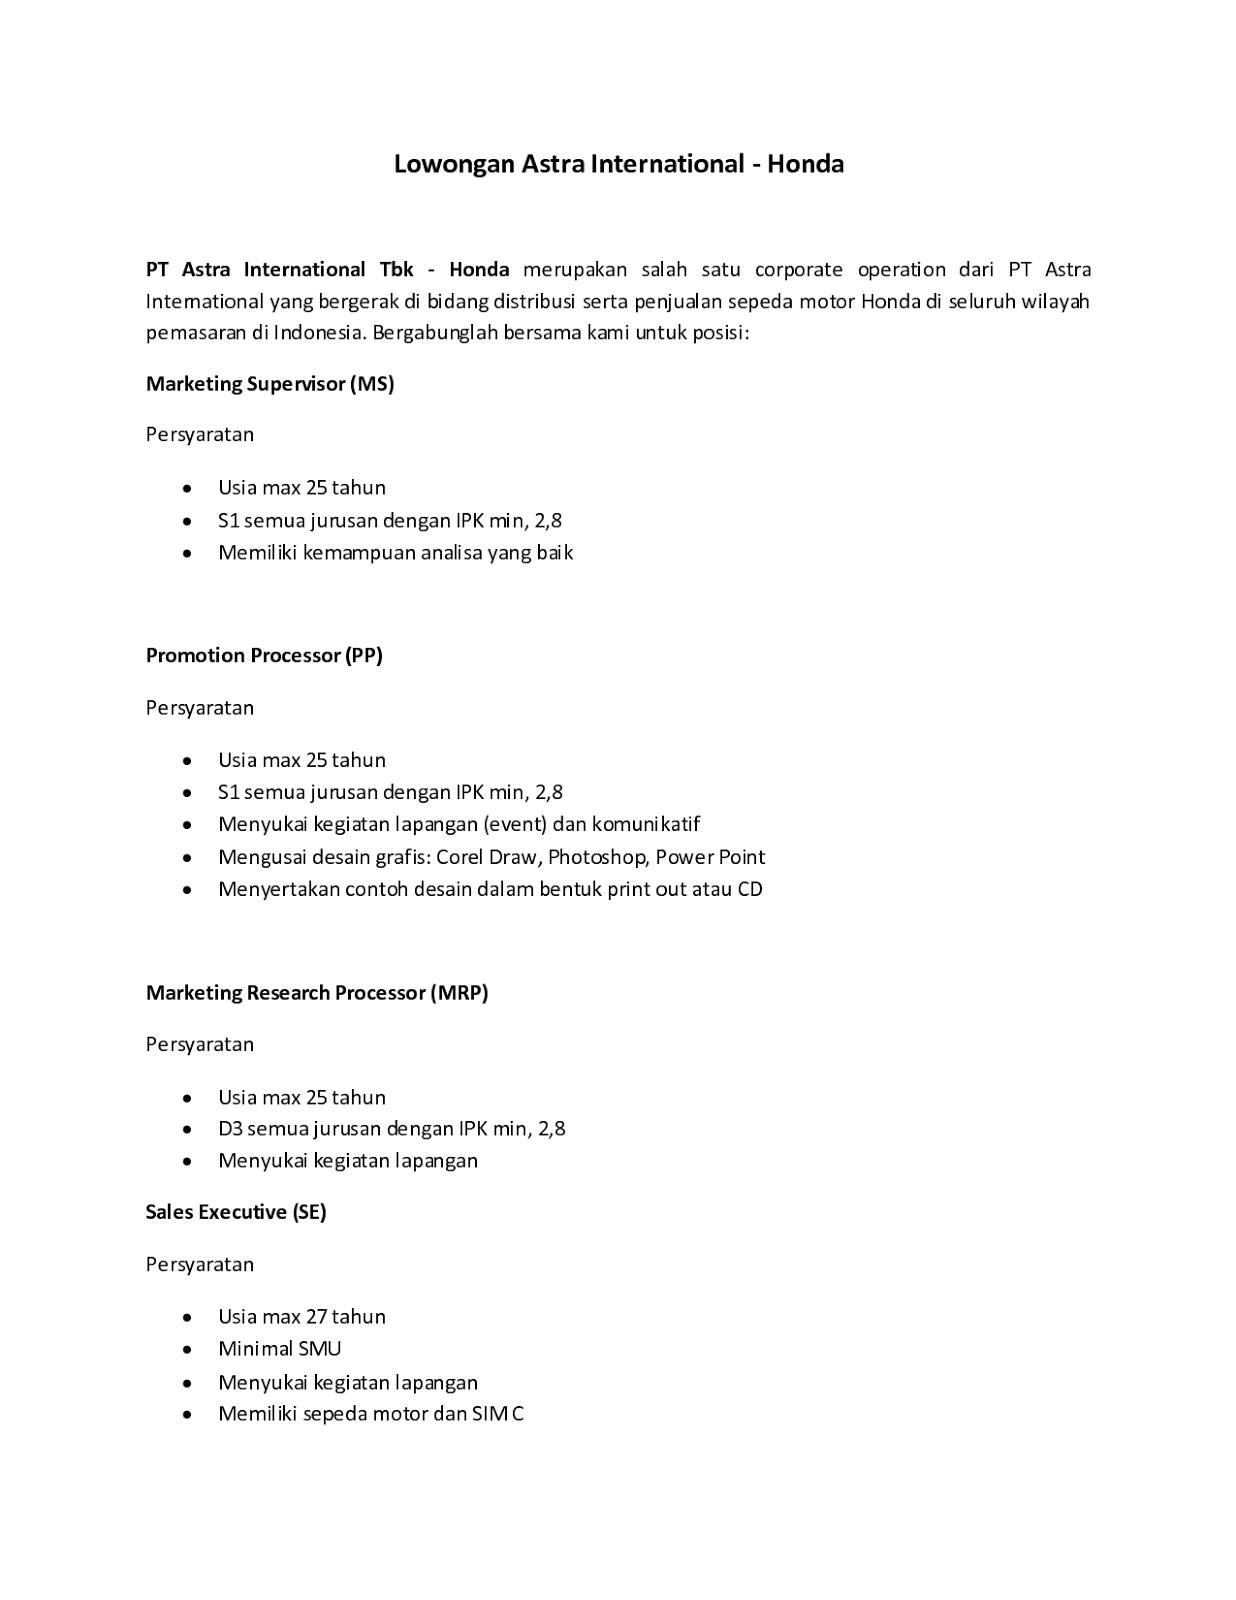 5 Contoh Surat Lamaran Kerja PT Astra Surat, Honda